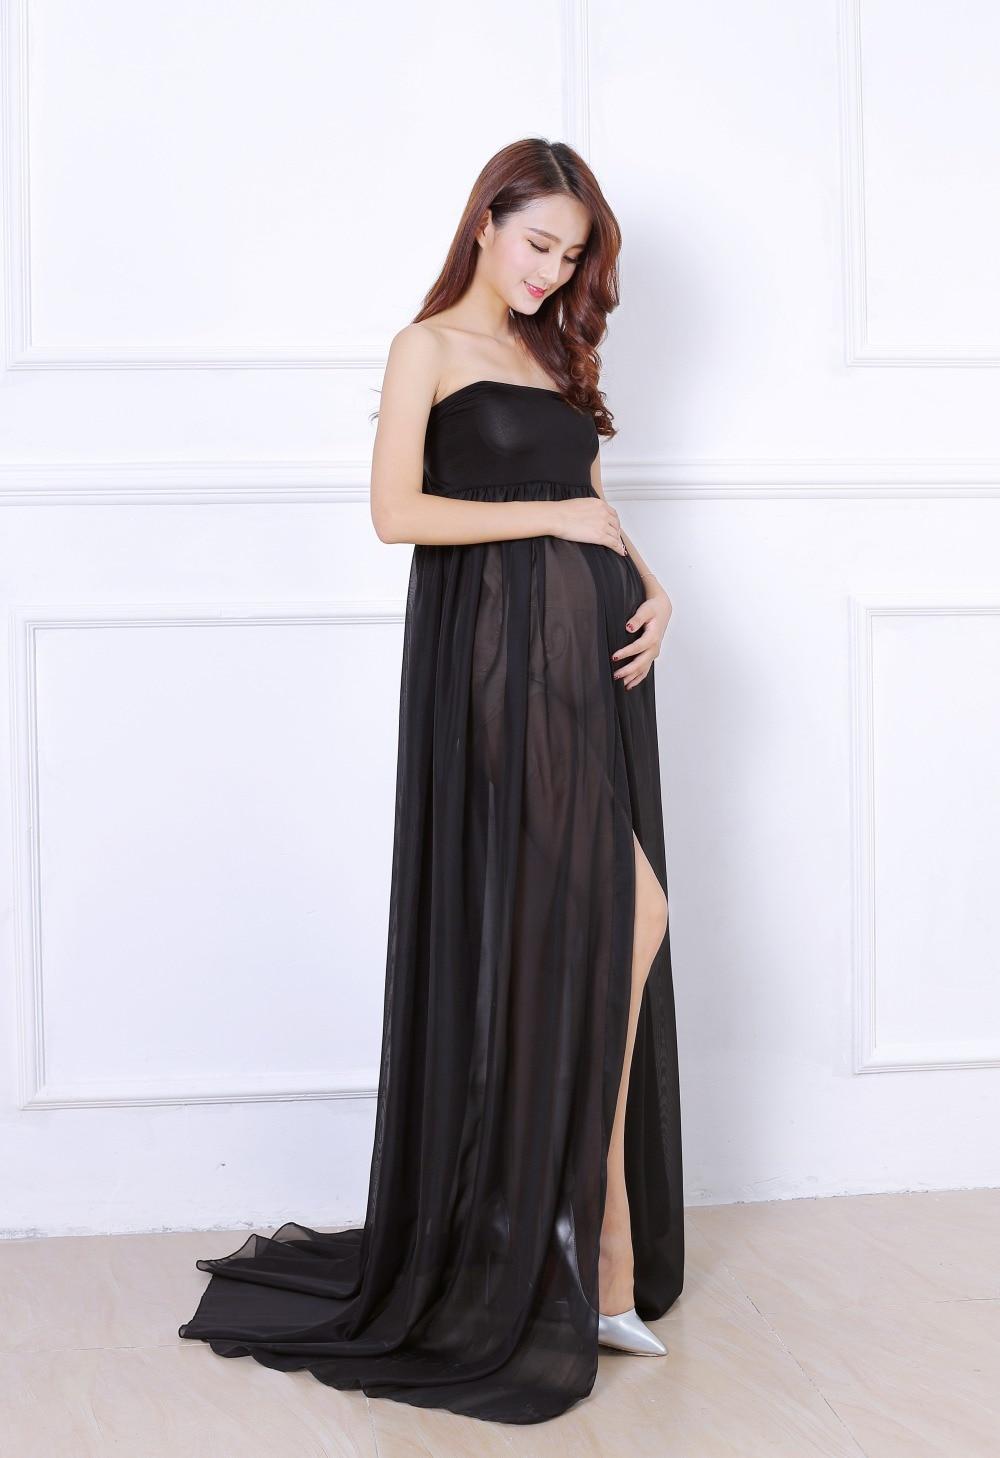 schwarz mutterschaft kleid lange maxy boden kleider für schwangere  fotografie schießt ballkleid chiffon strand kleider schwangerschaft